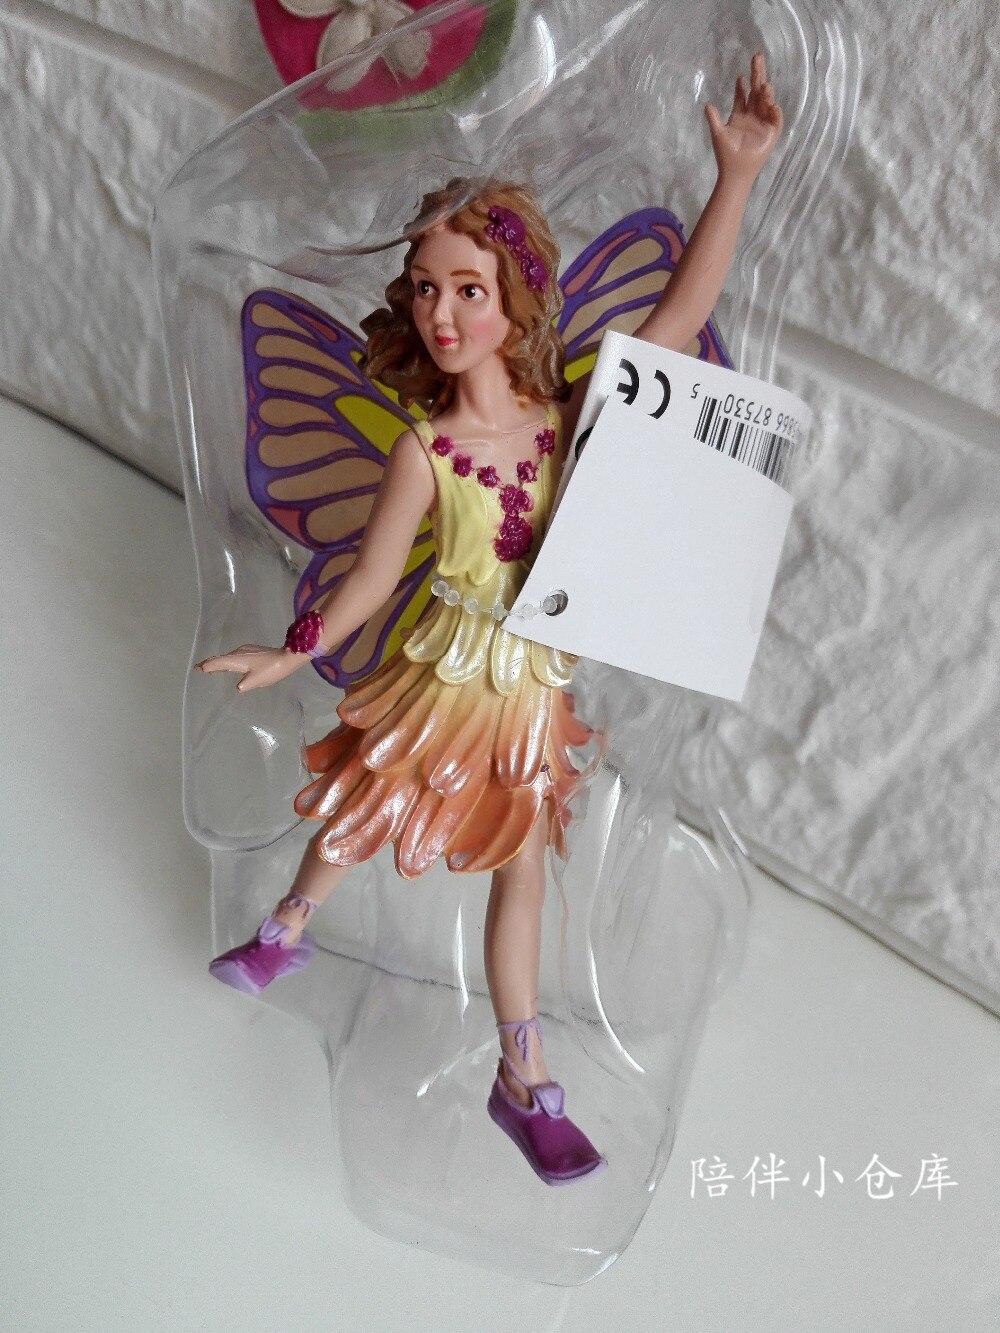 ПВХ Рисунок мифы и легенды моделирование кукла модель игрушки мультфильм куклы Цветочная фея